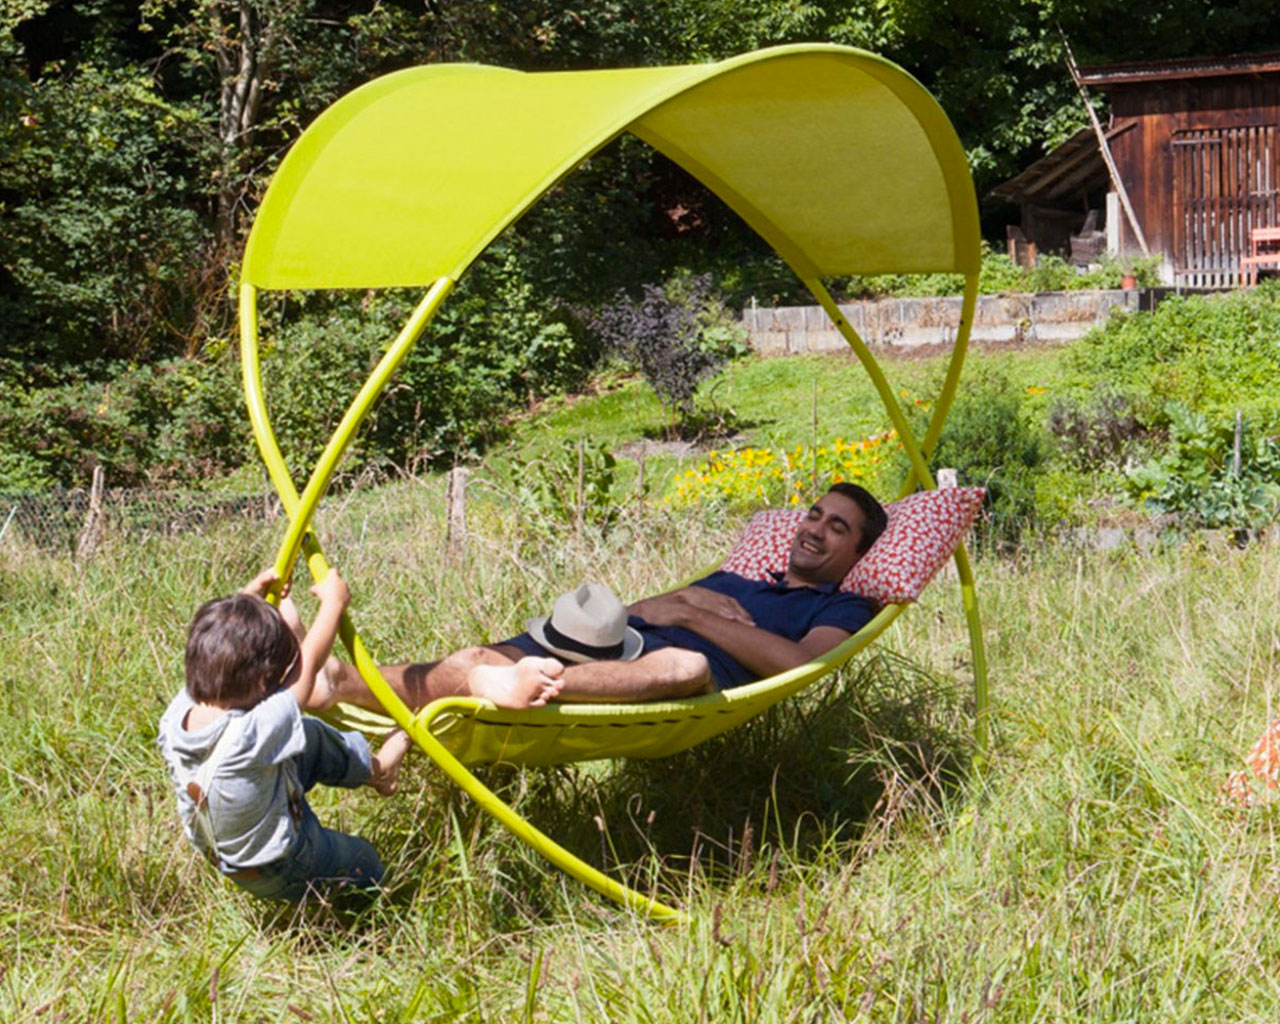 Amaca dondolo da giardino con oggetti da giardino usati for Oggetti da giardino